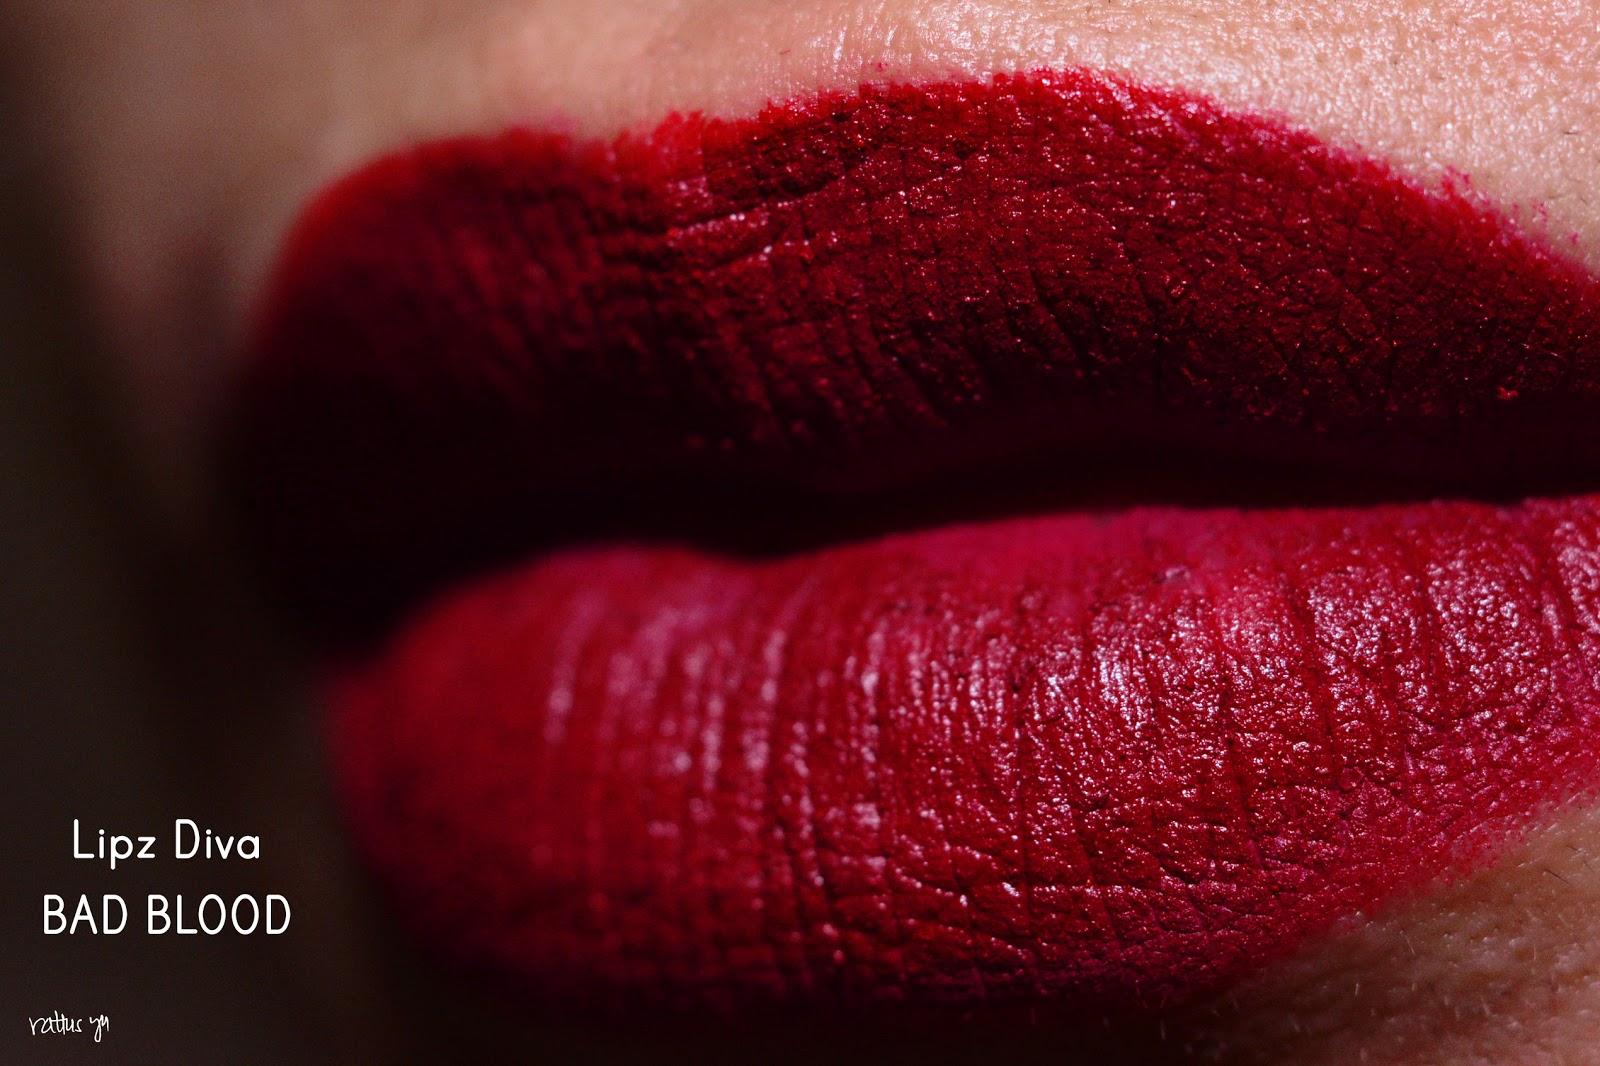 Lipz Diva Matte Lipstick in Bad Blood